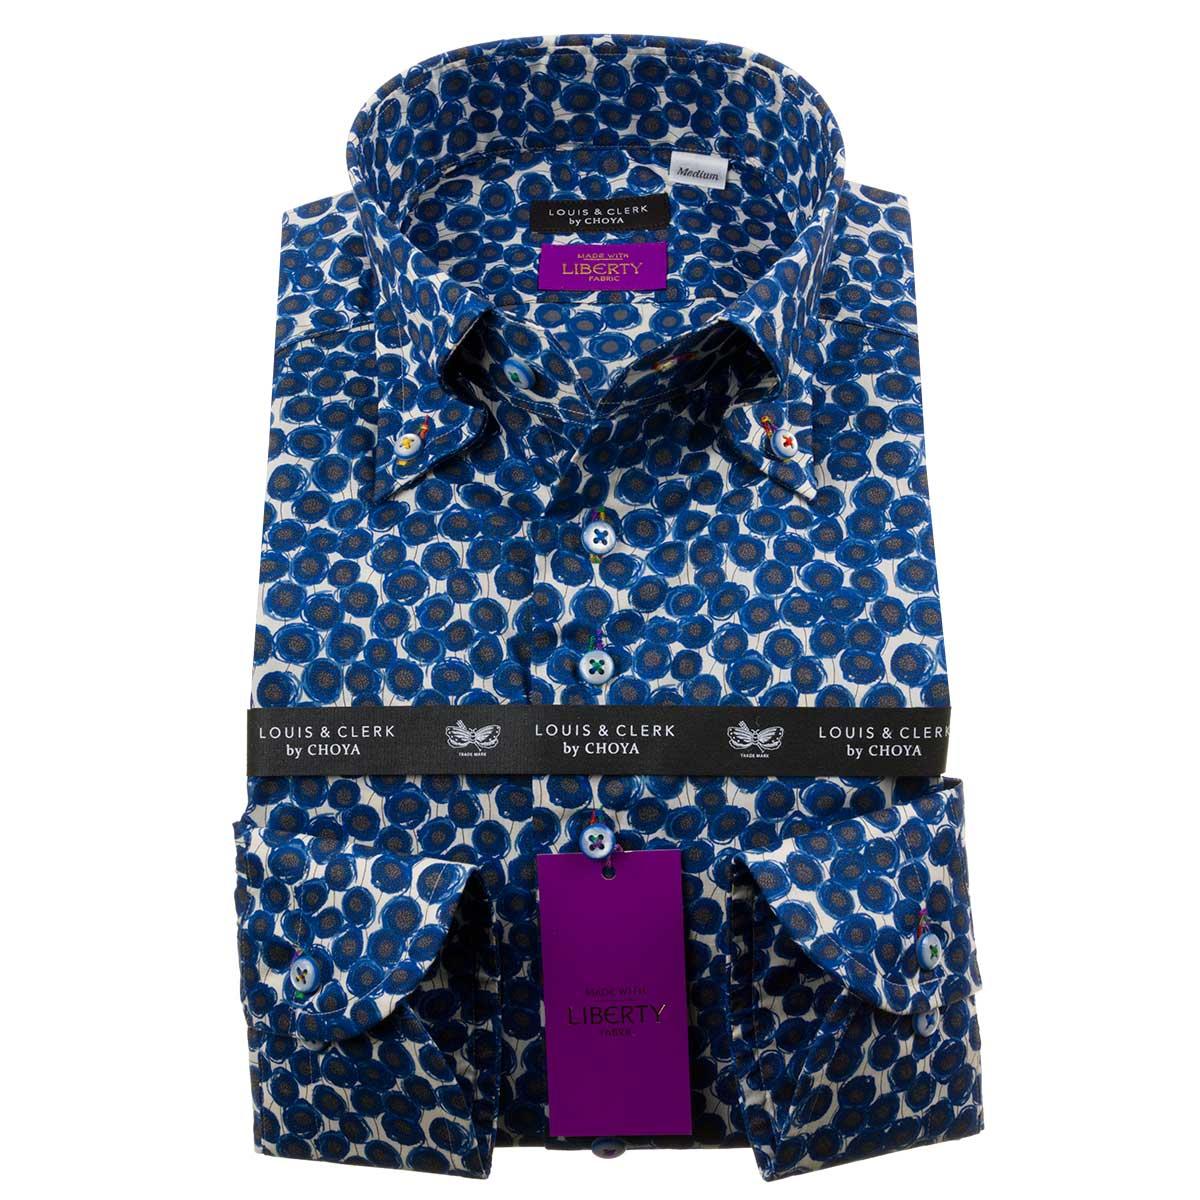 リバティプリント タナローン 国産長袖綿100%ドレスシャツ コンフォート ボタンダウン ザンジー・サンビーム メンズ fs3gm